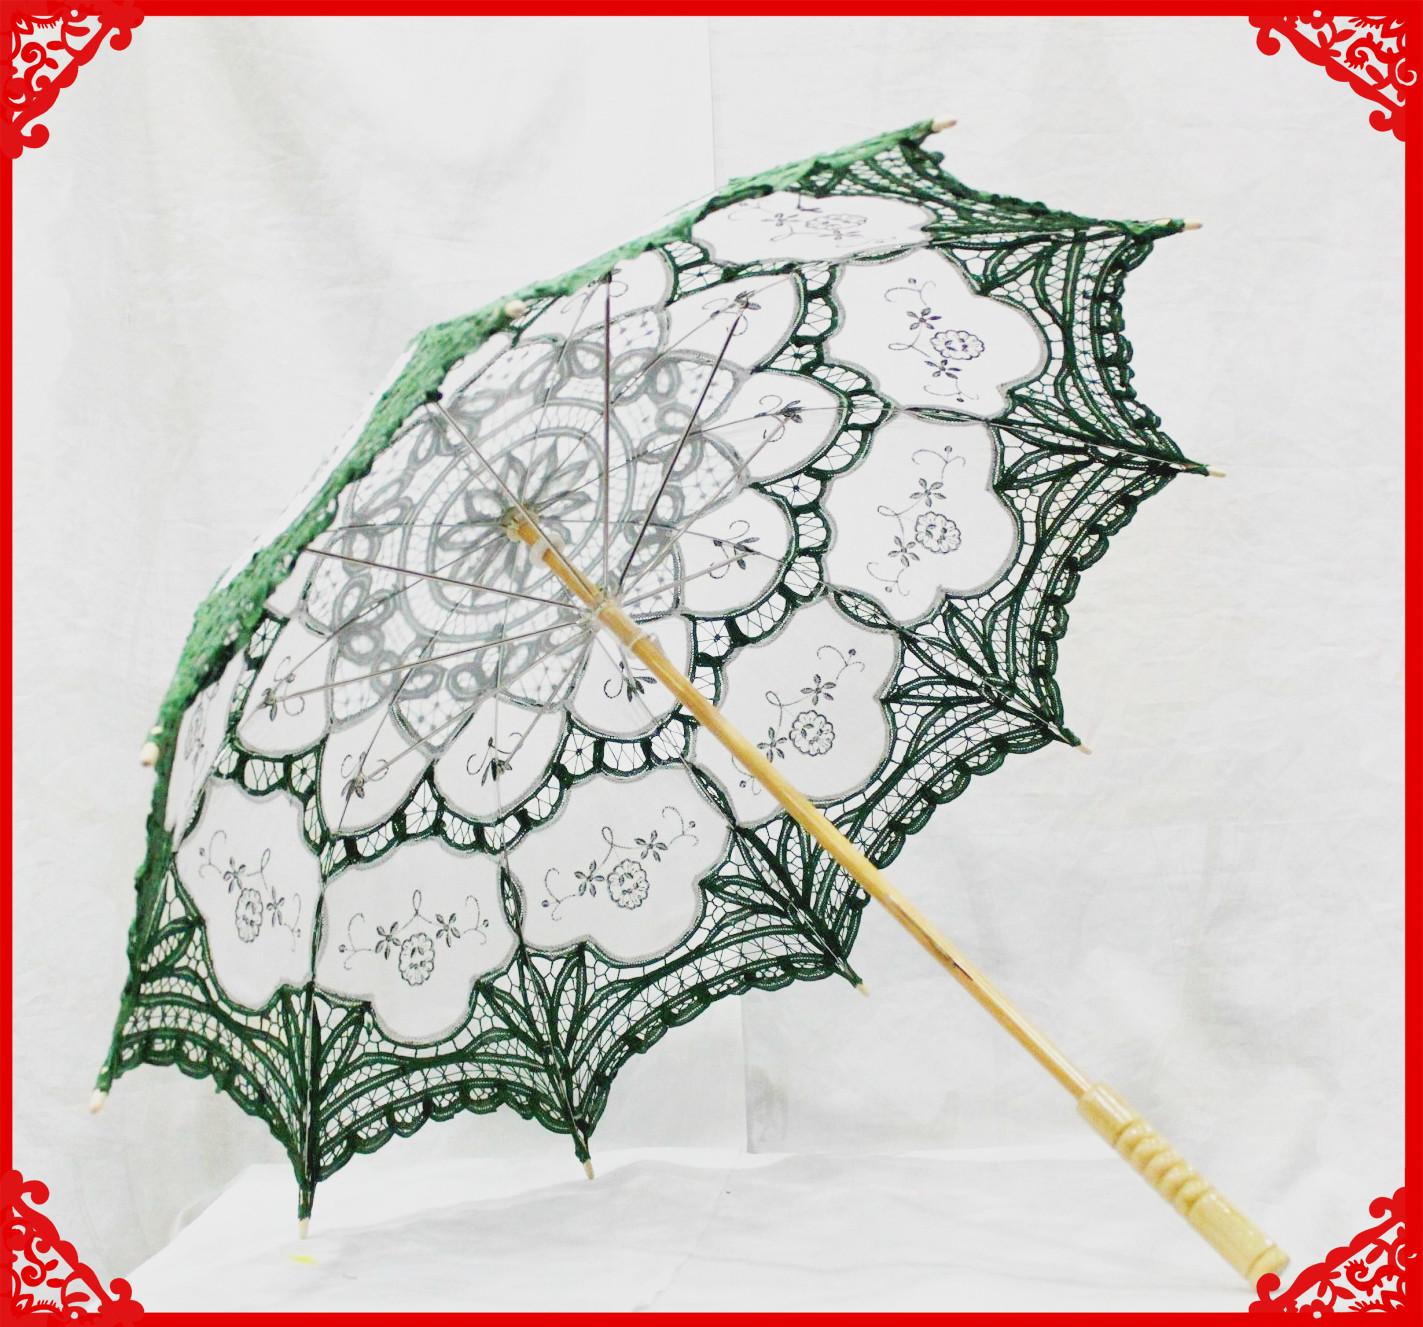 зонт-beijing-taohuawu-crafts-fan-u3